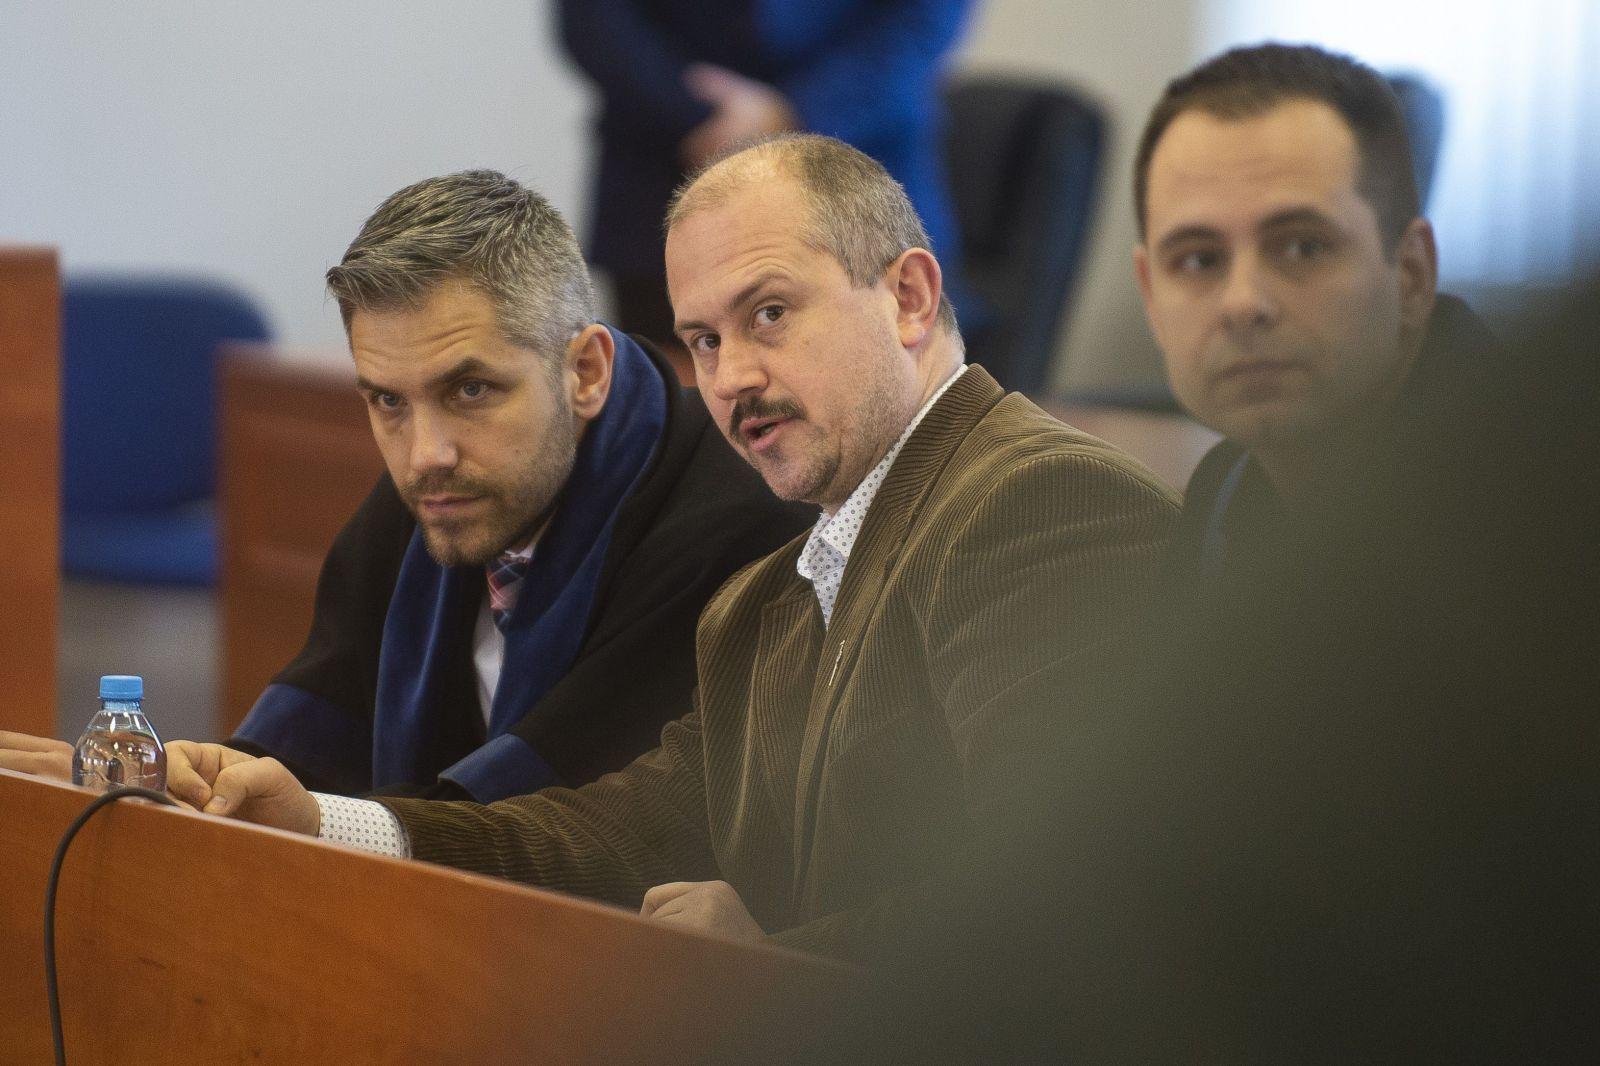 Boli sme na súde s Marianom Kotlebom. Znalec nacizmu a fašizmu potvrdil, že číslovka 1488 je jasný prejav extrémizmu